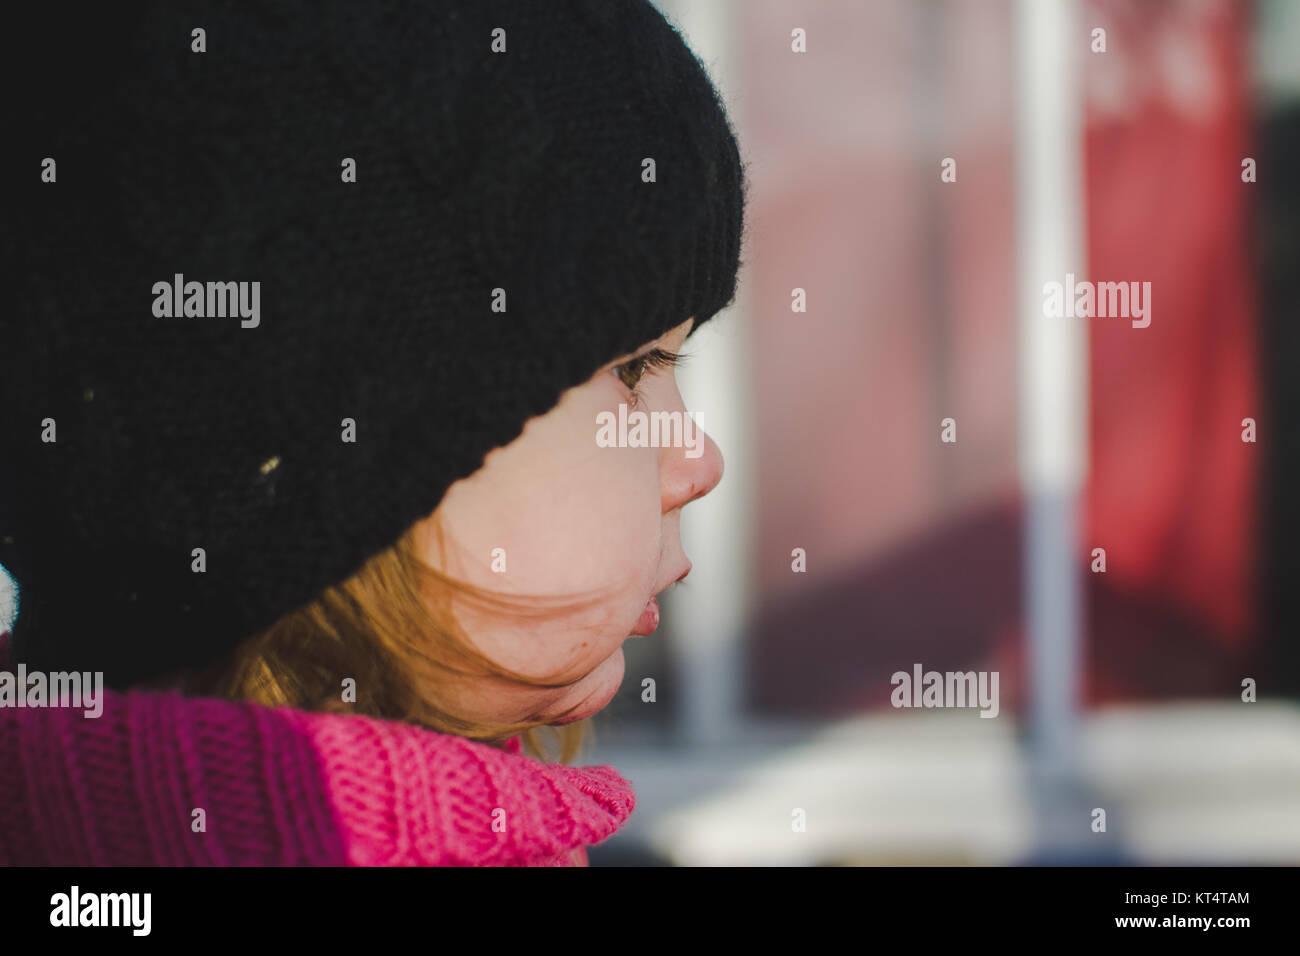 Cerca de la cara de un niño llevaba un sombrero de invierno. Imagen De Stock